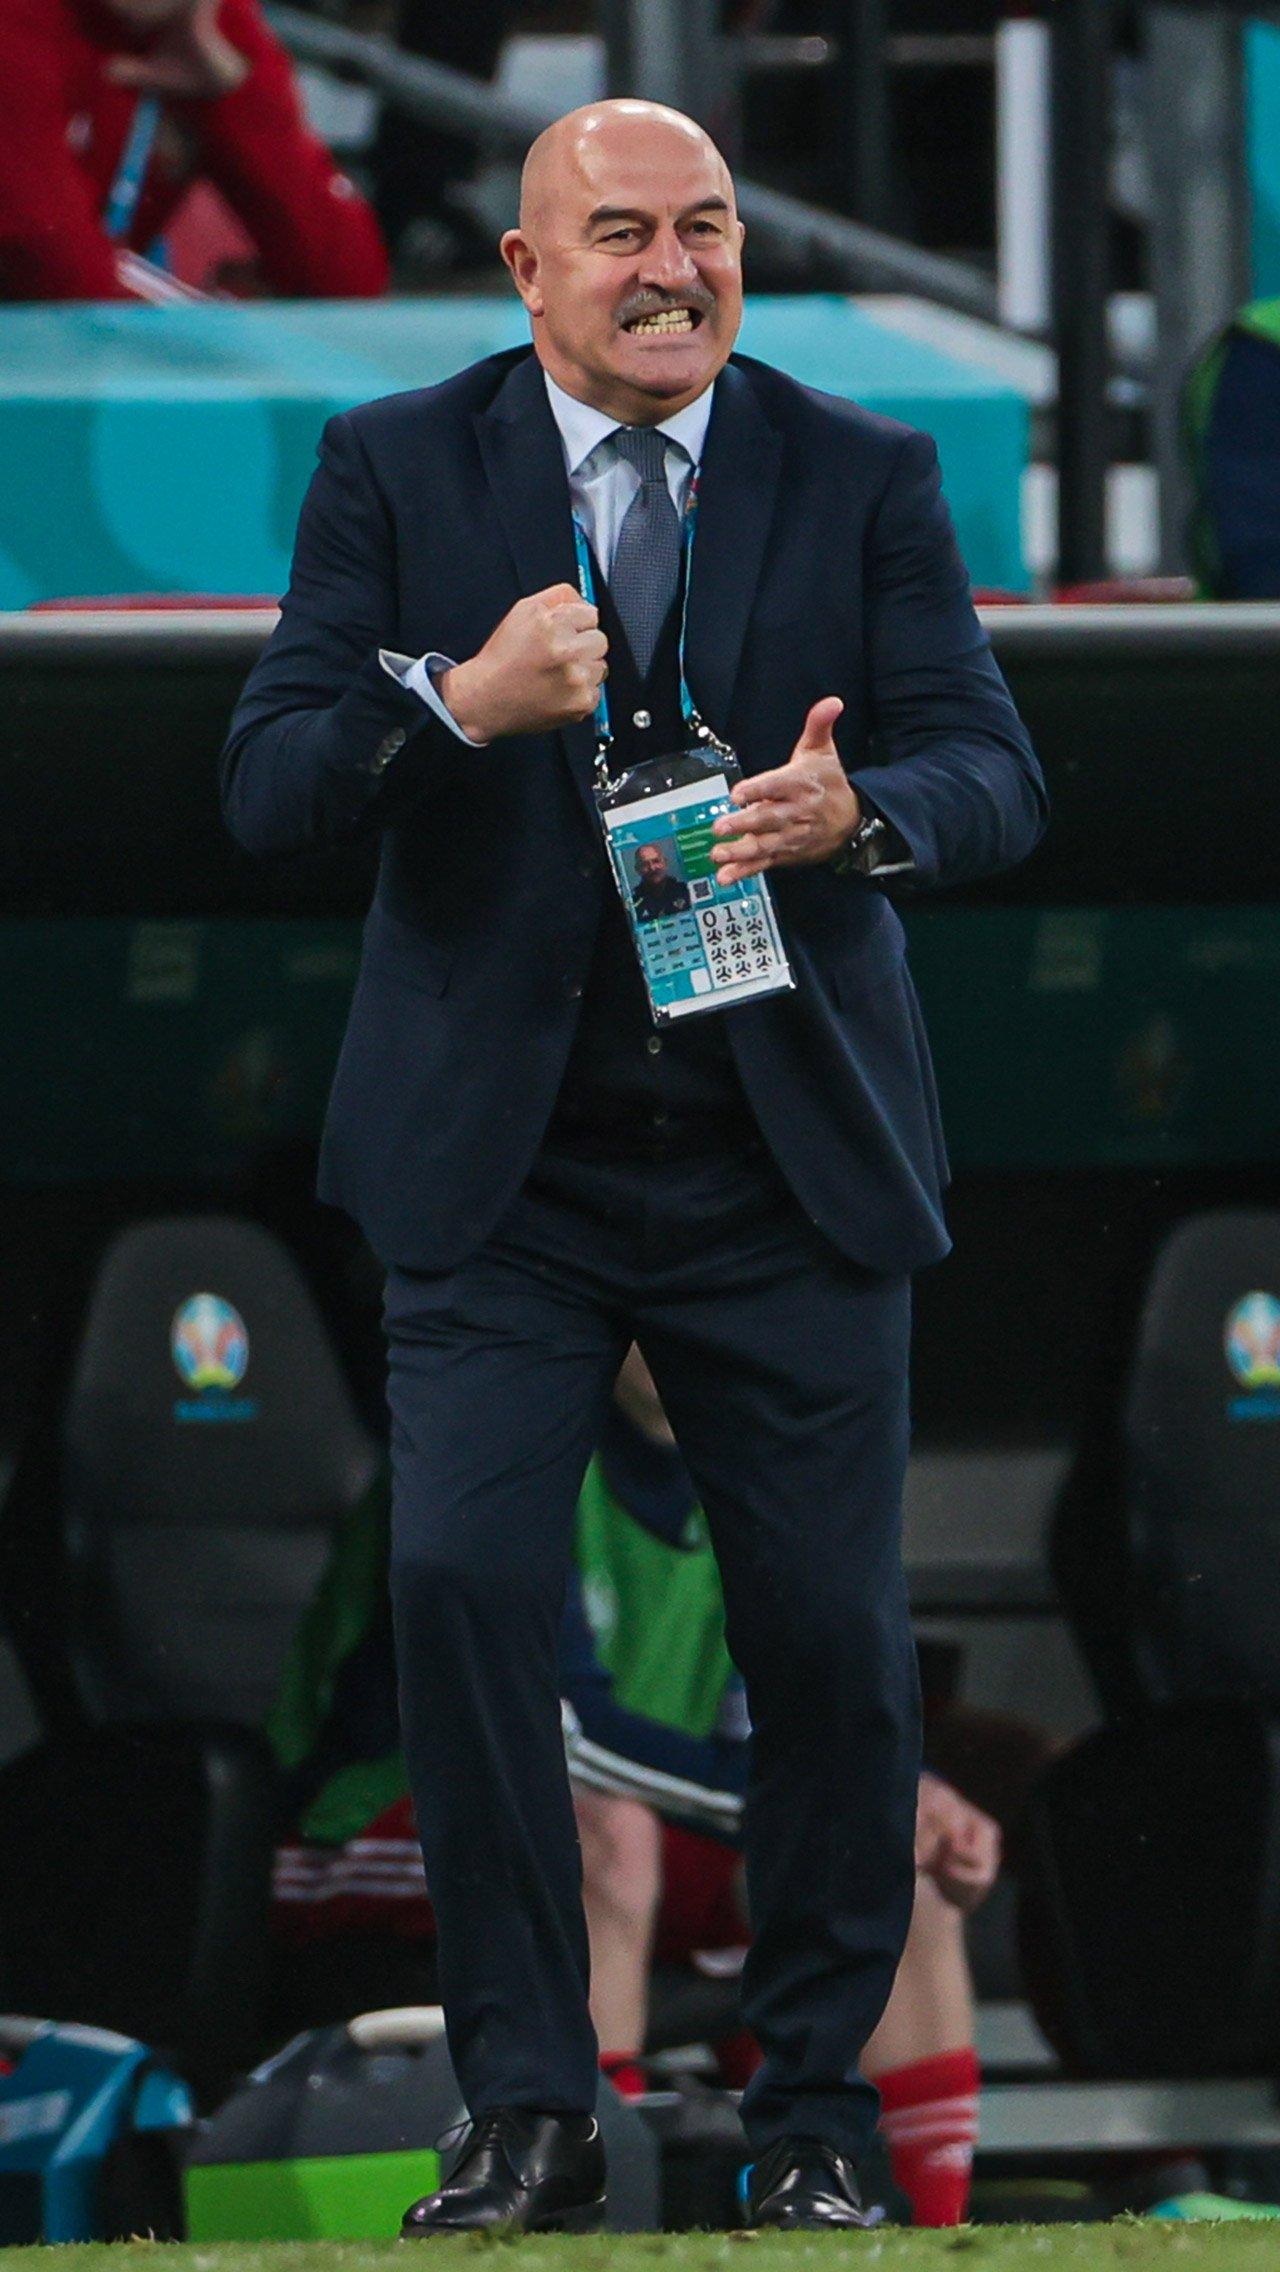 Черчесов Евро-2020: <br/> «Всем болельщикам привет. Переживаем».<br/>